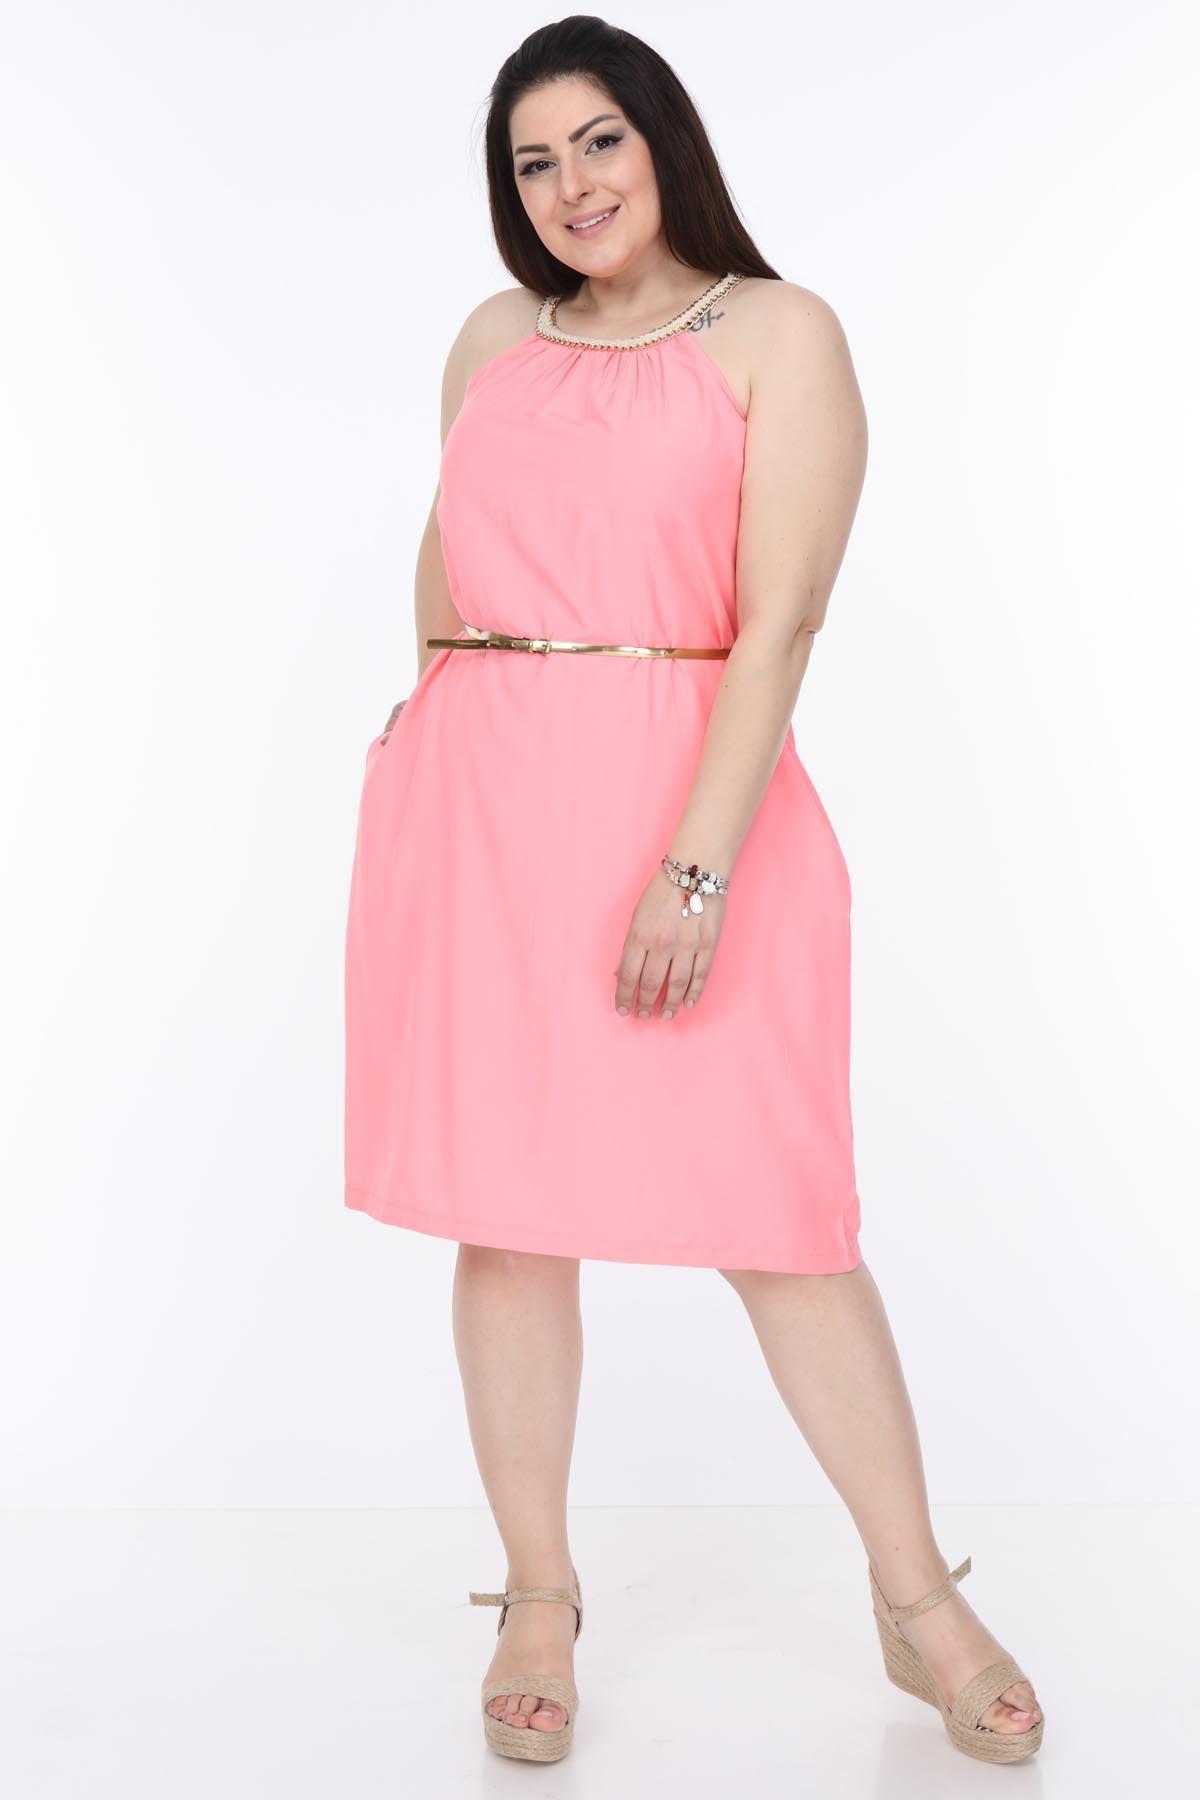 Yaka Detaylı Pembe Büyük Beden Elbise 6B-1109